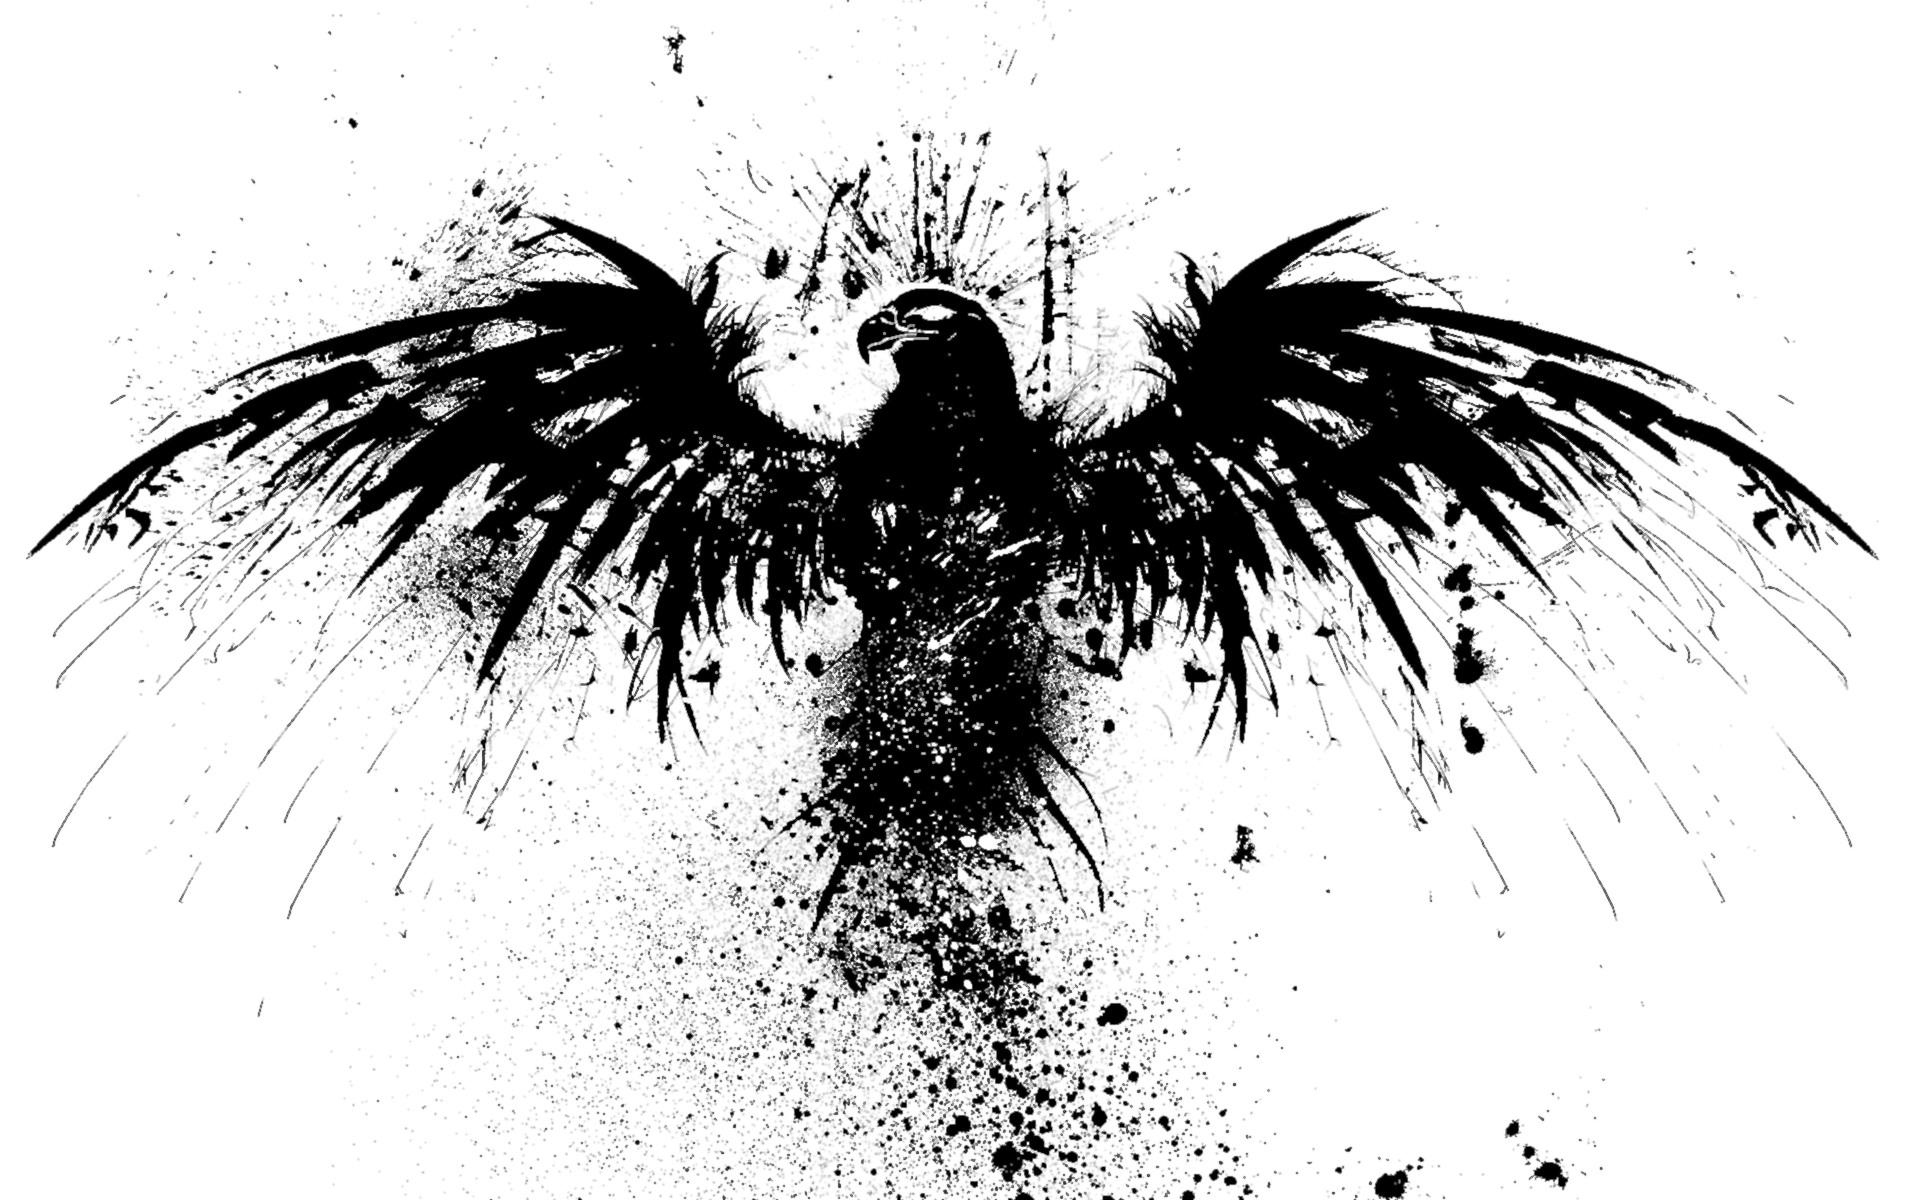 Splatter Tattoo on Pinterest | Abstract Tattoos, Abstract Watercolor Tattoos and Watercolor Tattoos